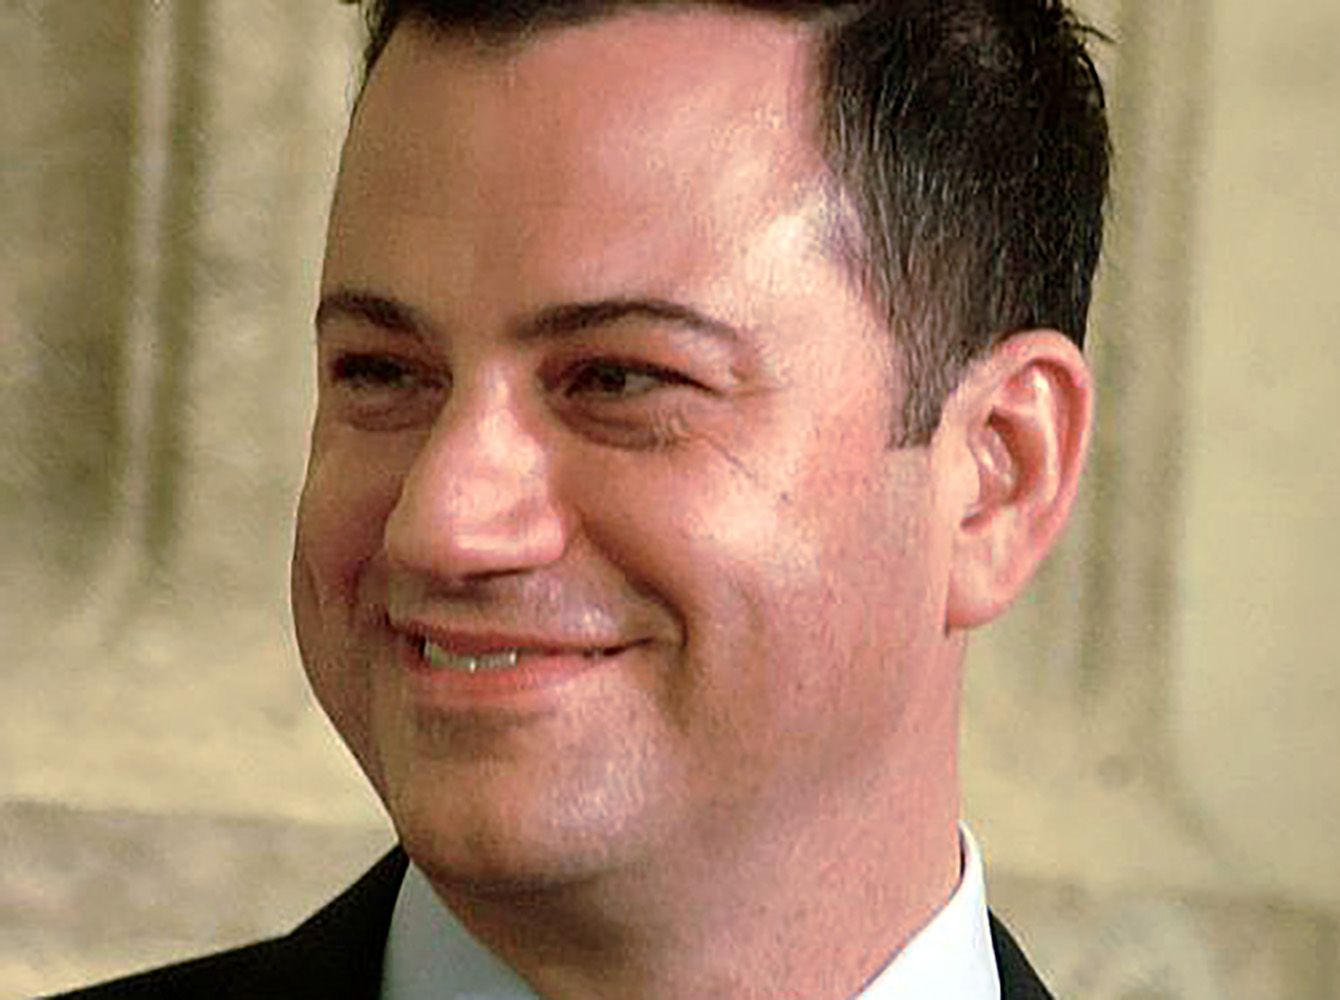 El Popular Presentador De Televisión Jimmy Kimmel Es Nuestro Top Famosos 13 De Noviembre Feliz Cumleaños